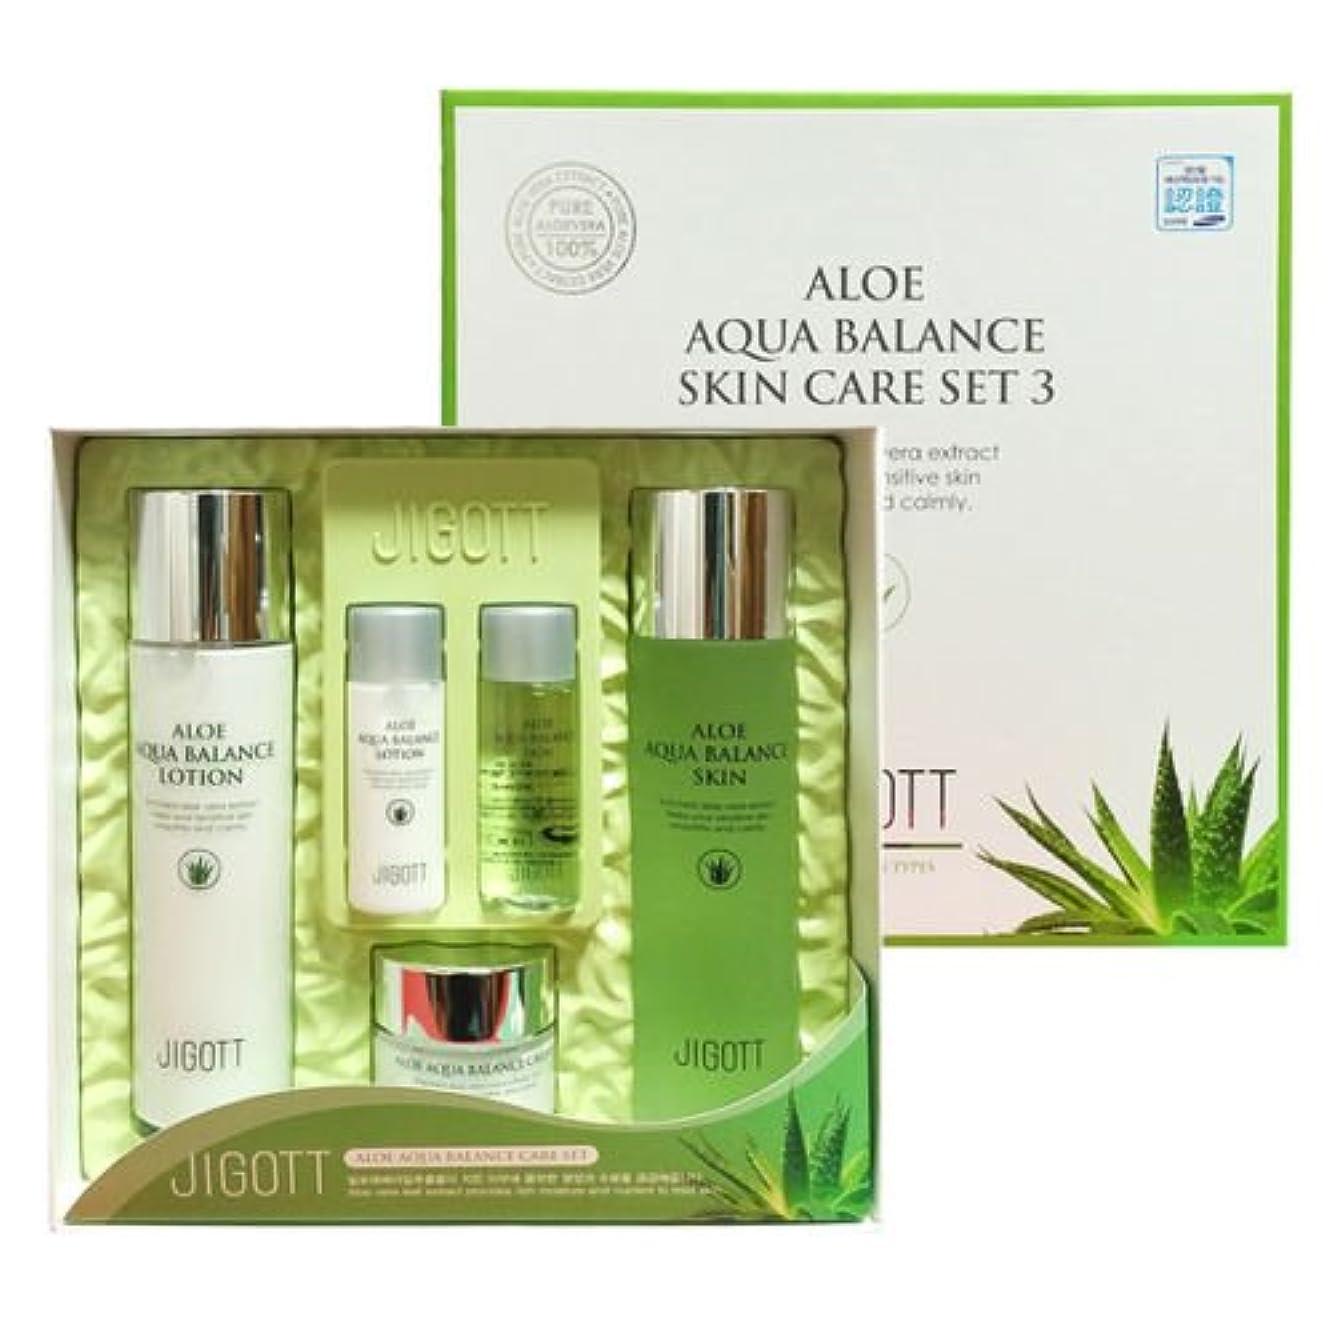 くちばし選択毛皮ジゴトゥ[韓国コスメJigott]Aloe Aqua Balance Skin Care 3 Set アロエアクアバランススキンケア3セット樹液,乳液,クリーム [並行輸入品]